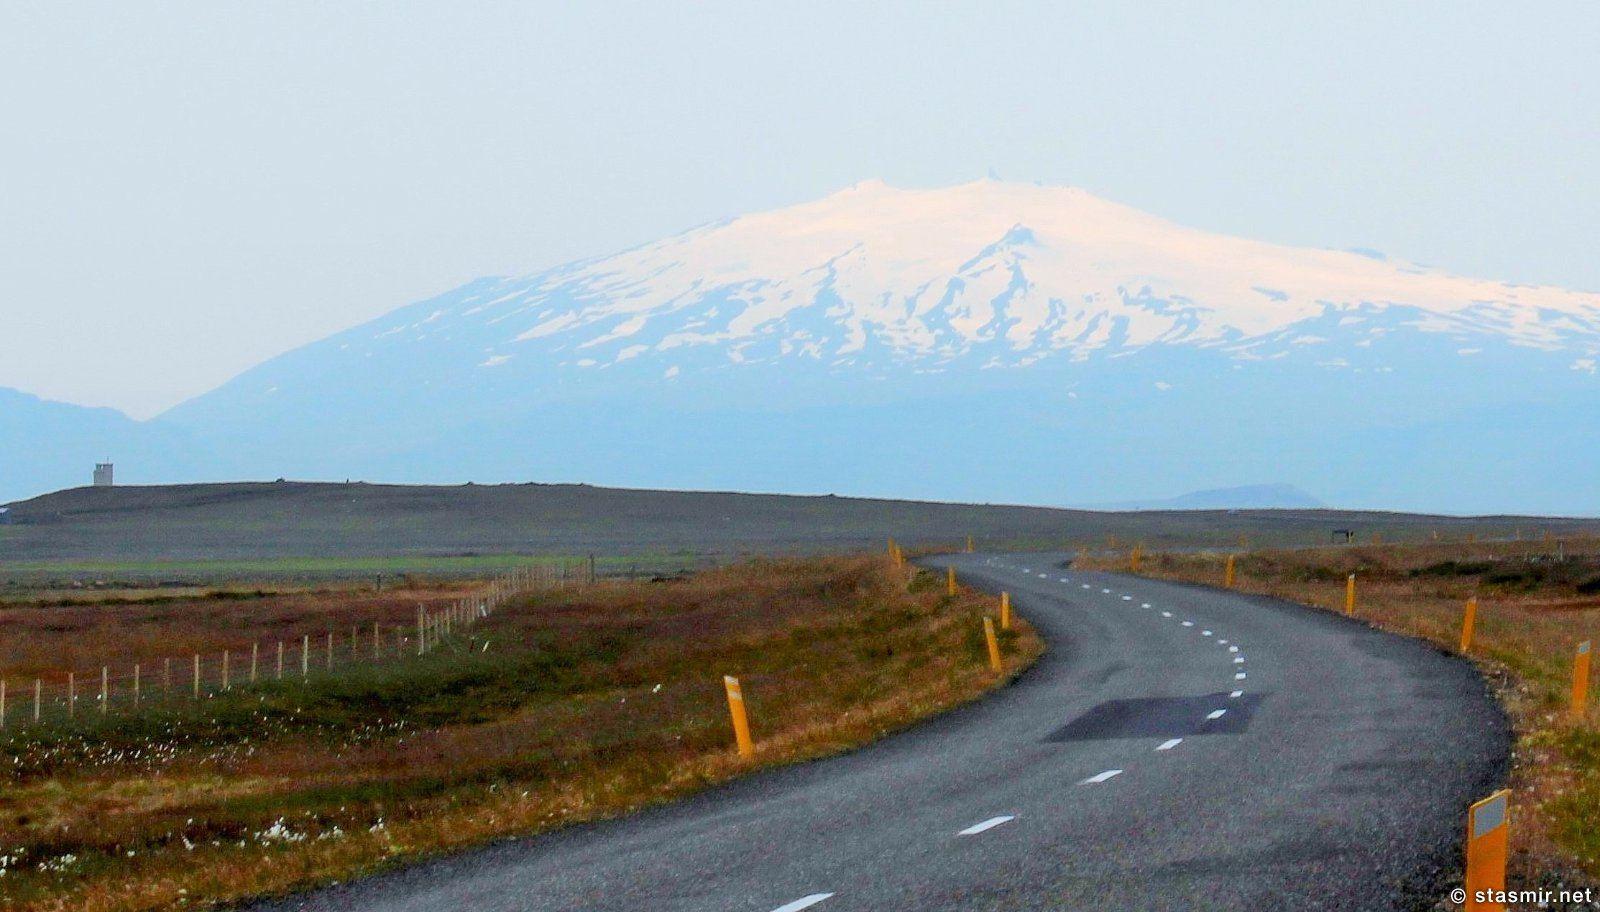 Дорога на Полуострове Снайфедльснес в Регионе Вестурланд, Западная Исландия, Магический полуостров Снайфедльснес, гора-вулкан Снайфедльснес, фото Стасмир, Photo Stasmir